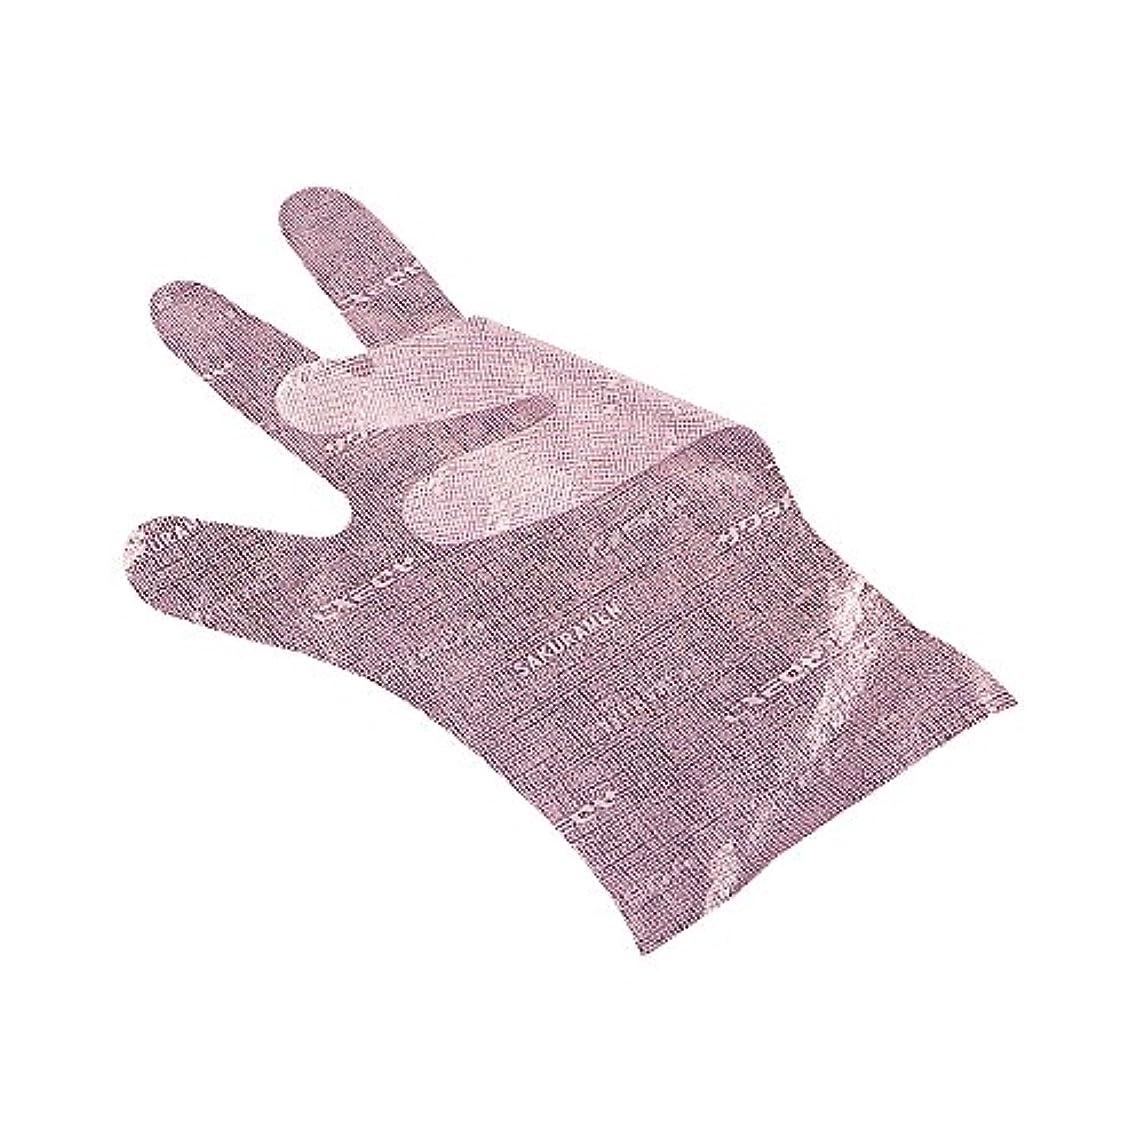 サクラメンエンボス手袋 デラックス ピンク M 100枚入